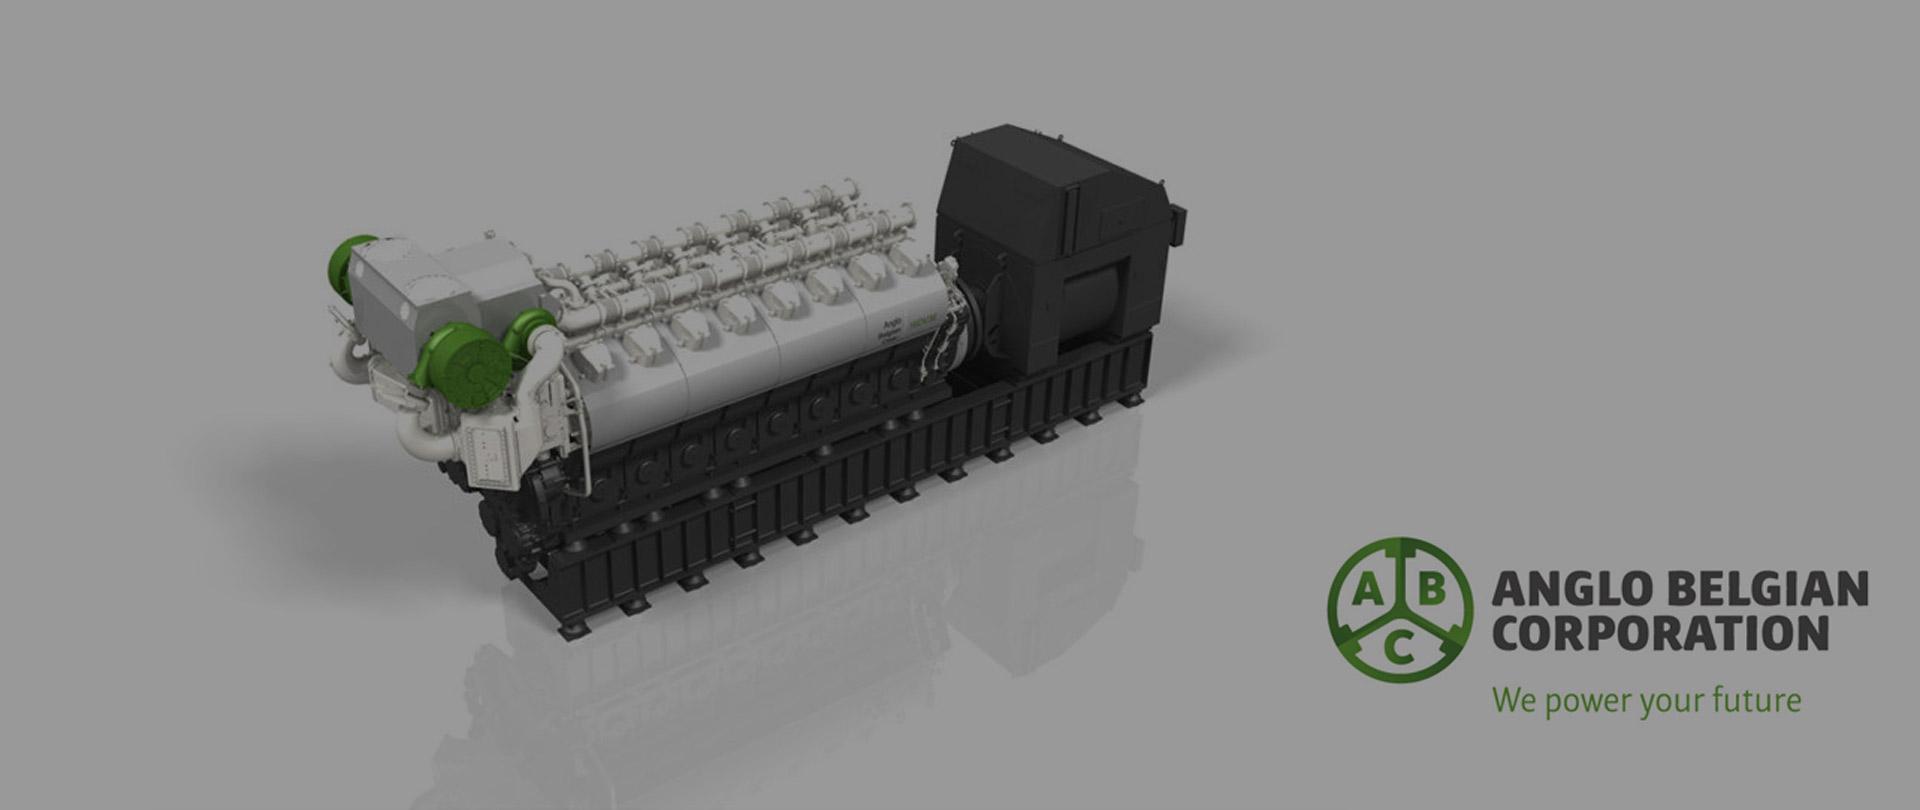 Fabricant de moteurs